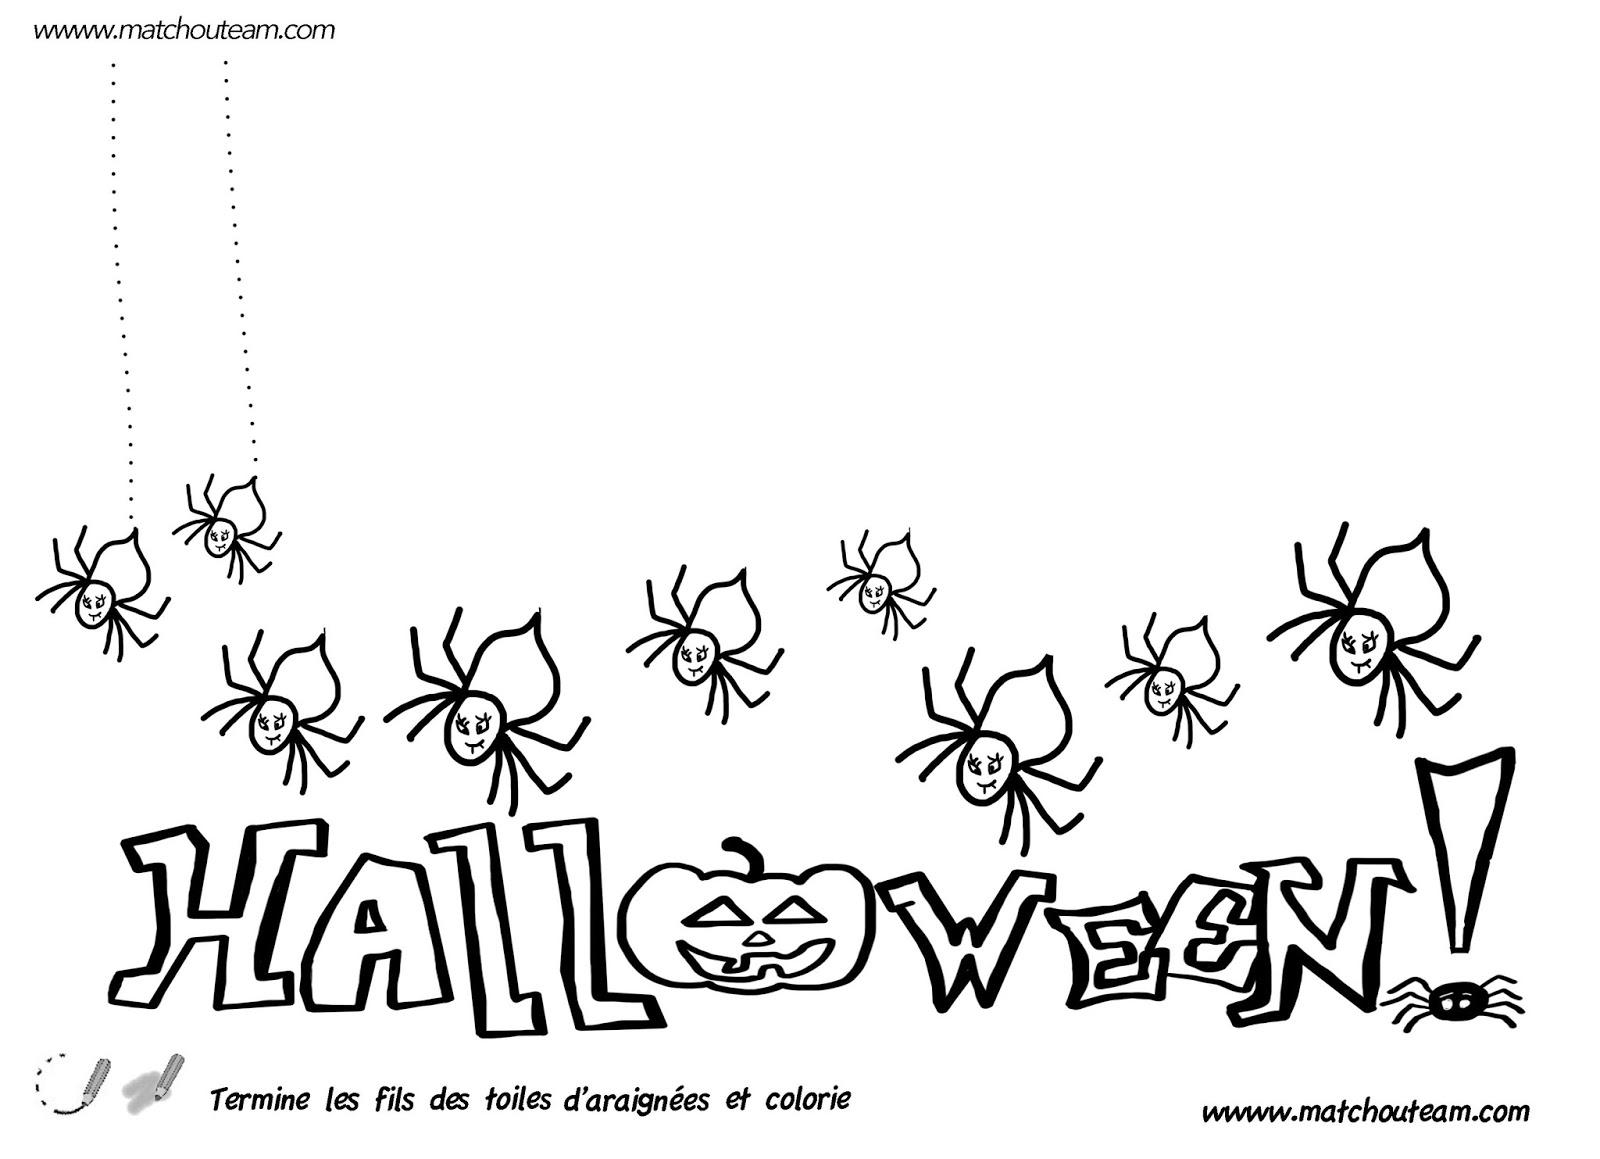 Gut bekannt Ma Tchou team: Halloween araignées sorcières et compagnie. GO43